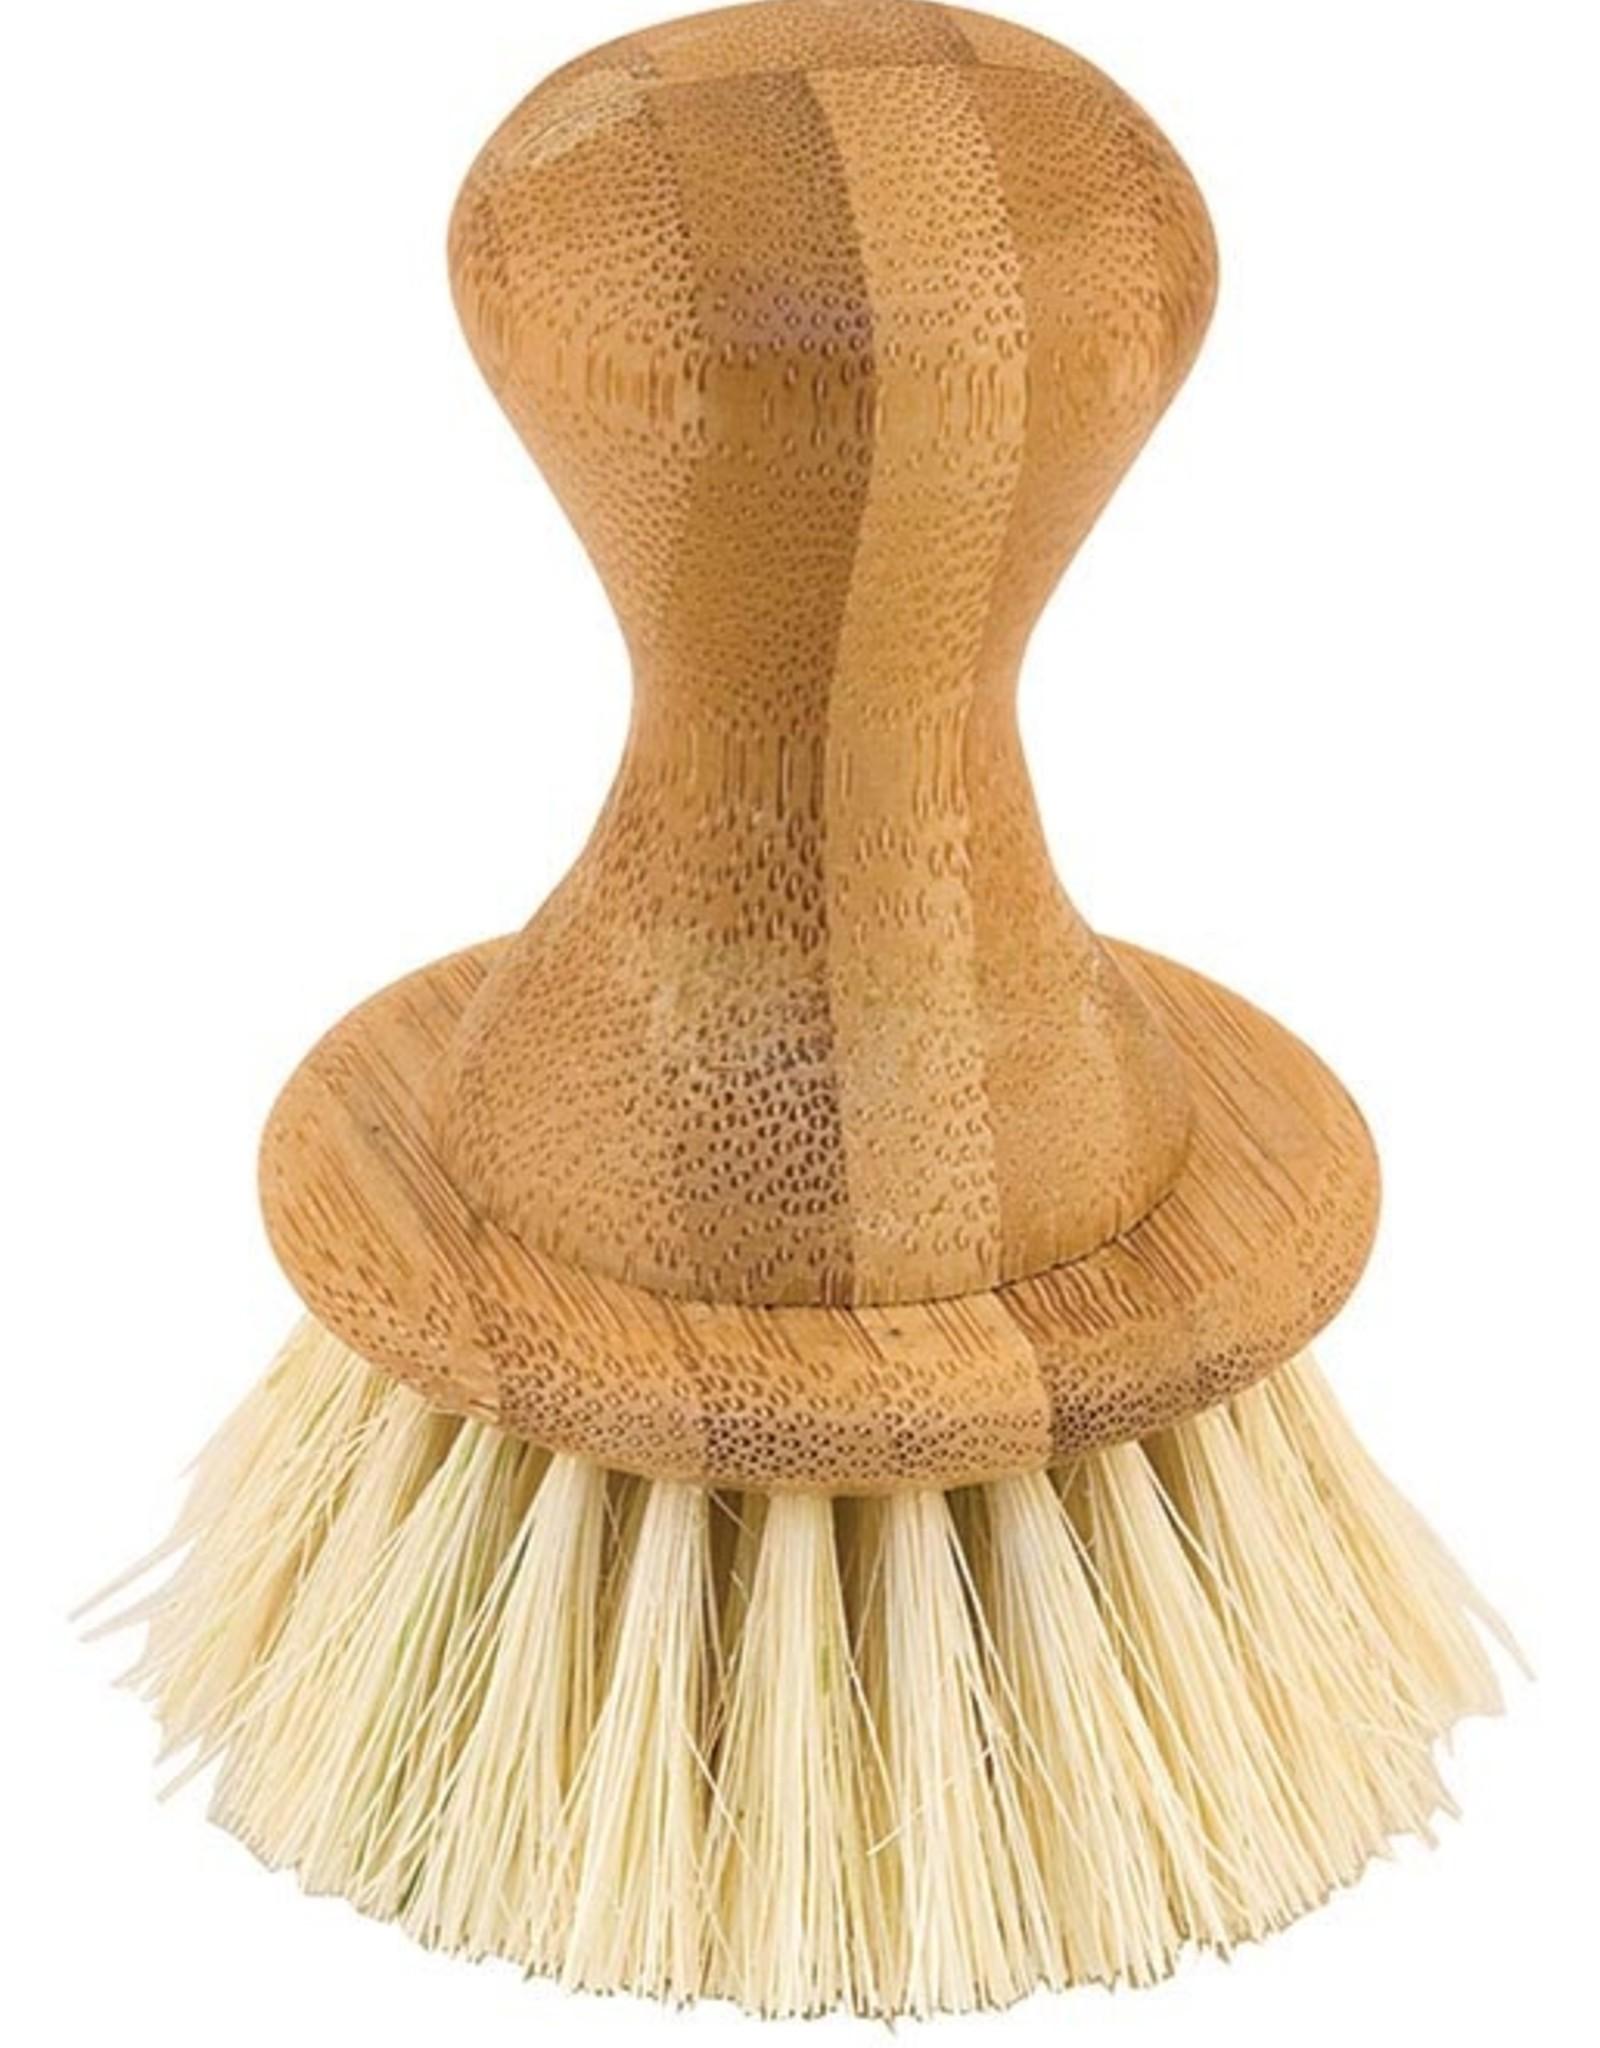 Veggie Brush - Bamboo Handle